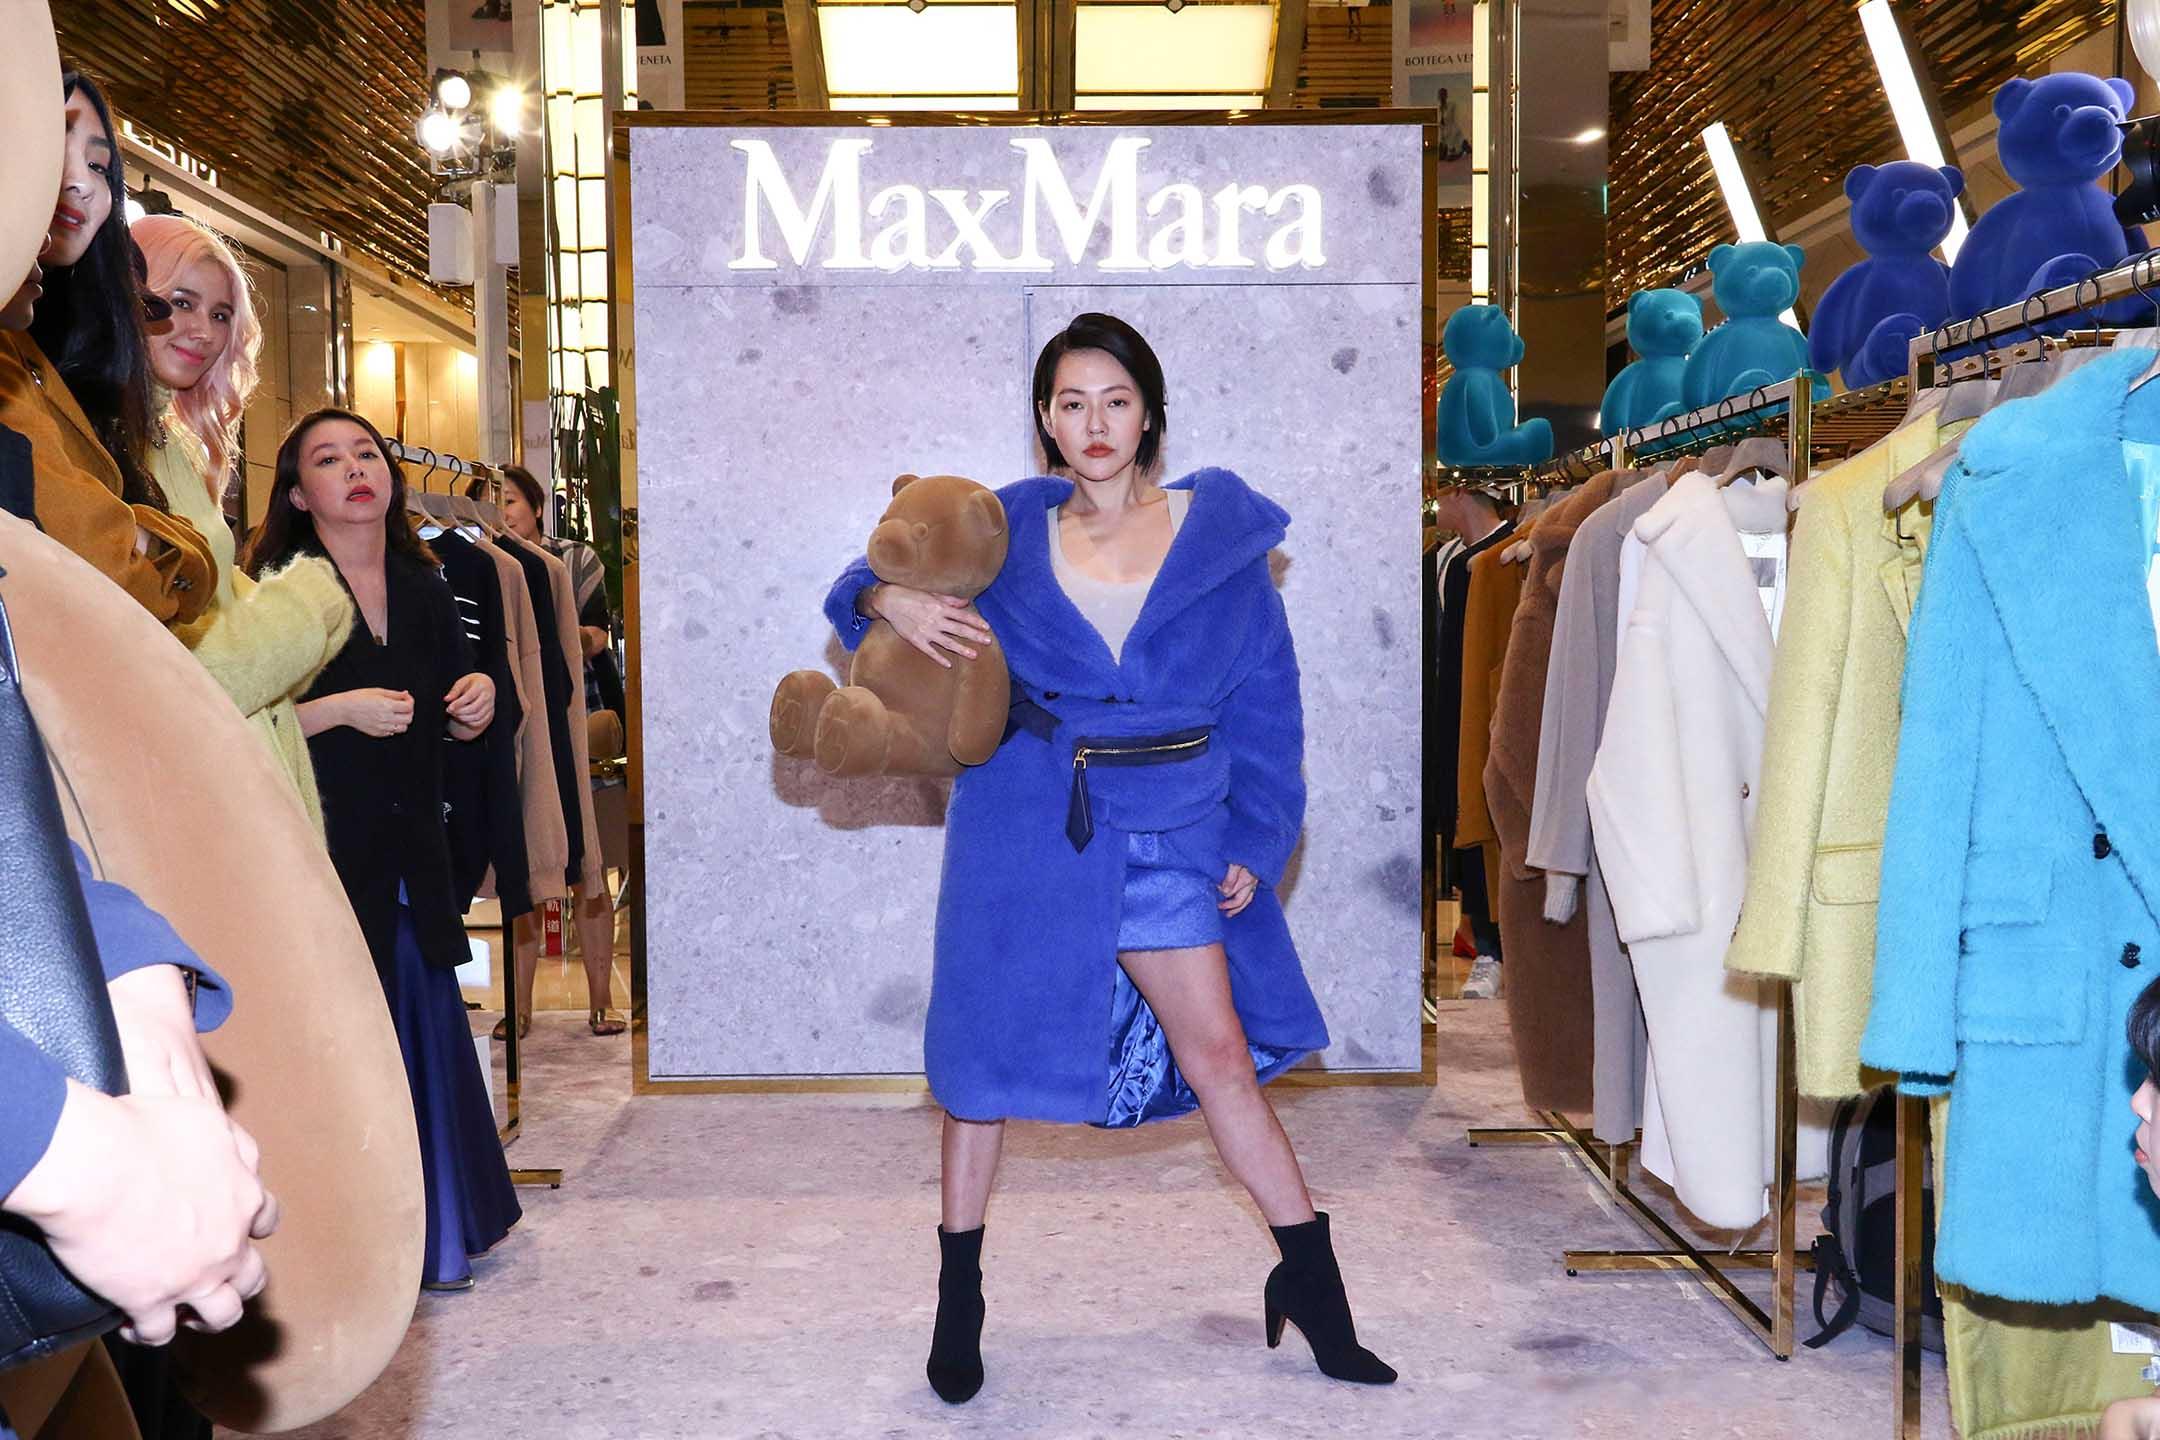 2019年10月24日台灣,小S徐熙娣穿著一件藍色毛衣出席商店開幕式。